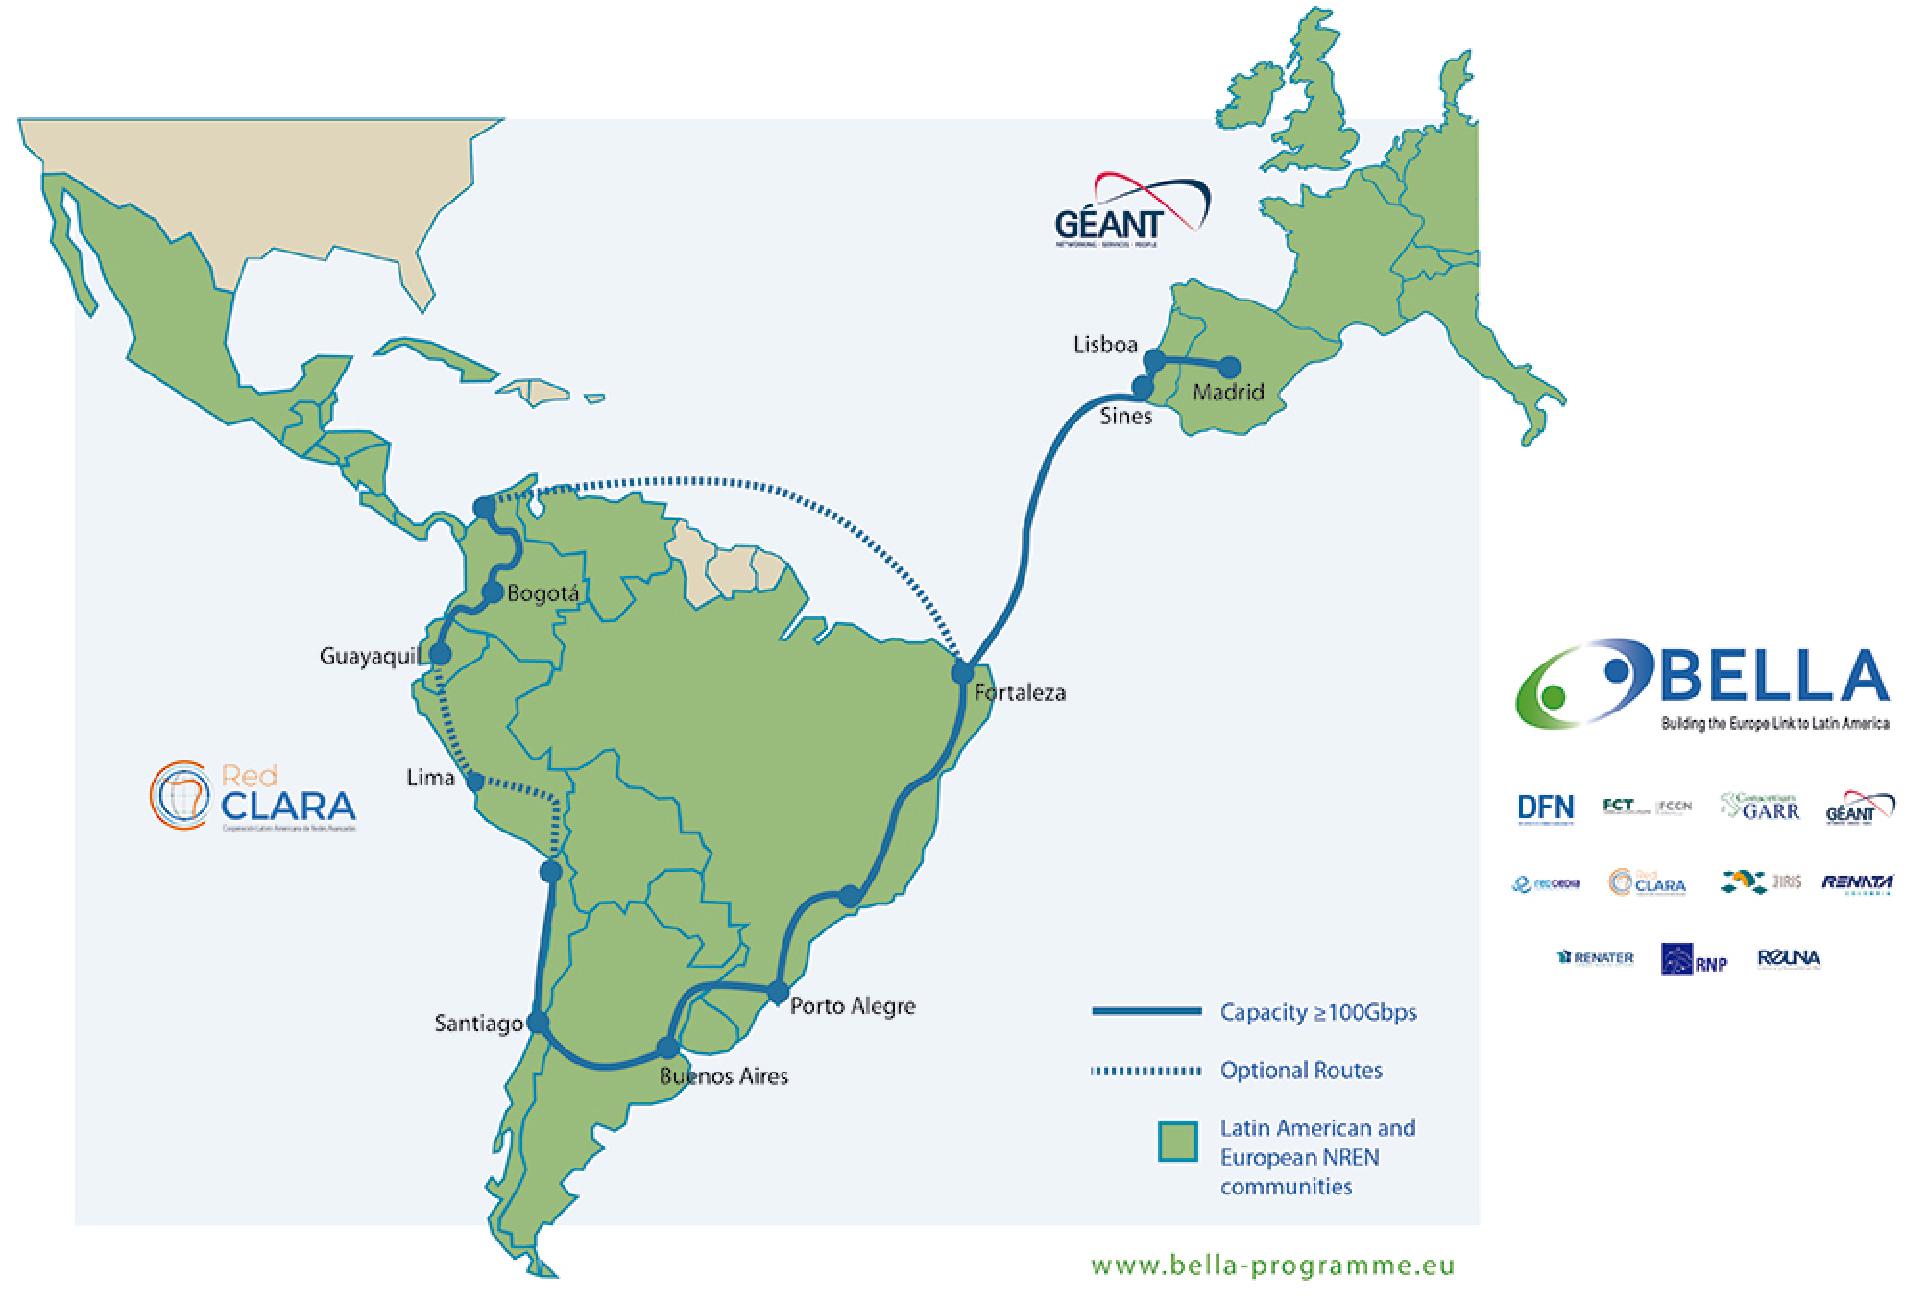 Ellalink: Seekabel wird zwischen Europa und Lateinamerika gebaut - Der Verlauf des neuen Seekabels